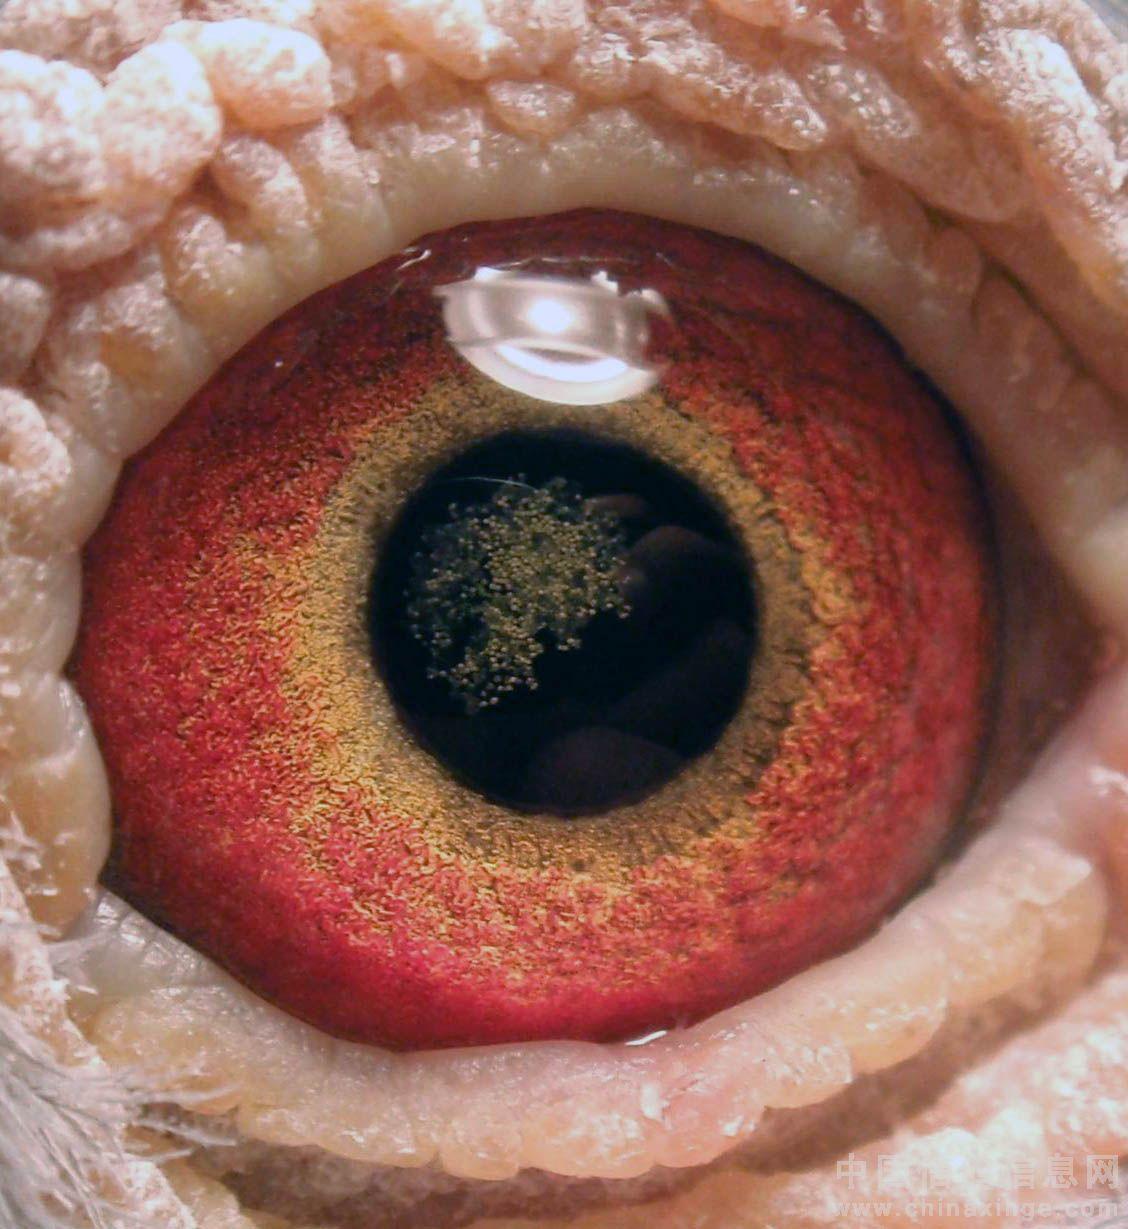 中国 信鸽/例如:人眼的视神经乳头周围视网膜有水肿、火焰状出血和黄白色...